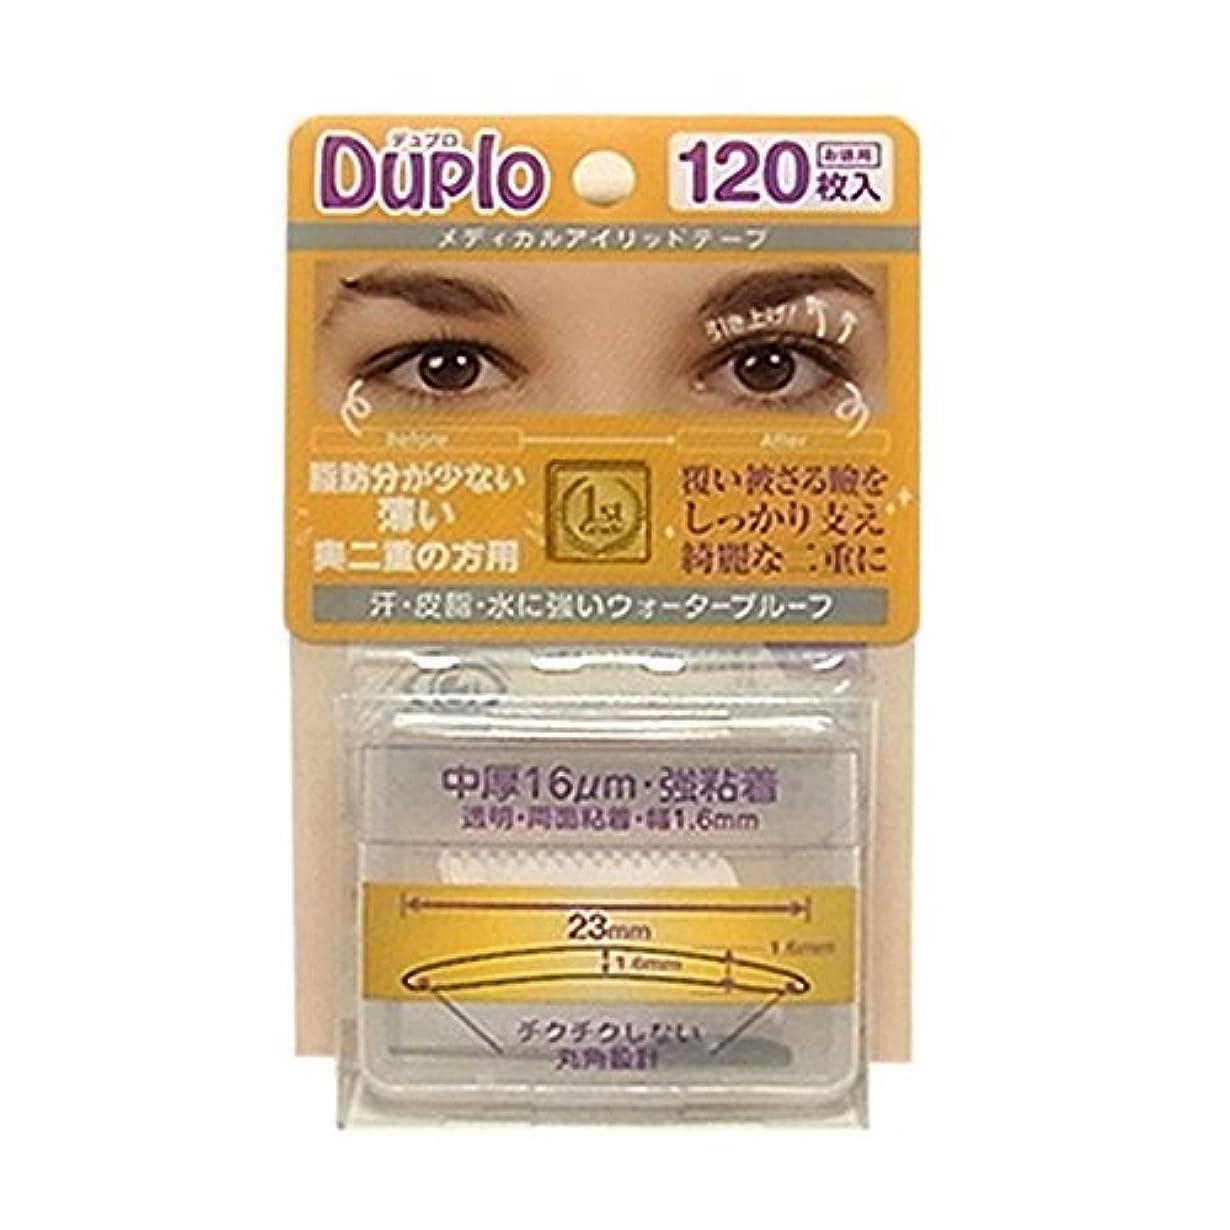 三減衰Duplo デュプロ メディカルアイリッドテープ 中厚 16μm 強粘着 (眼瞼下垂防止用テープ)透明?両面 120枚入